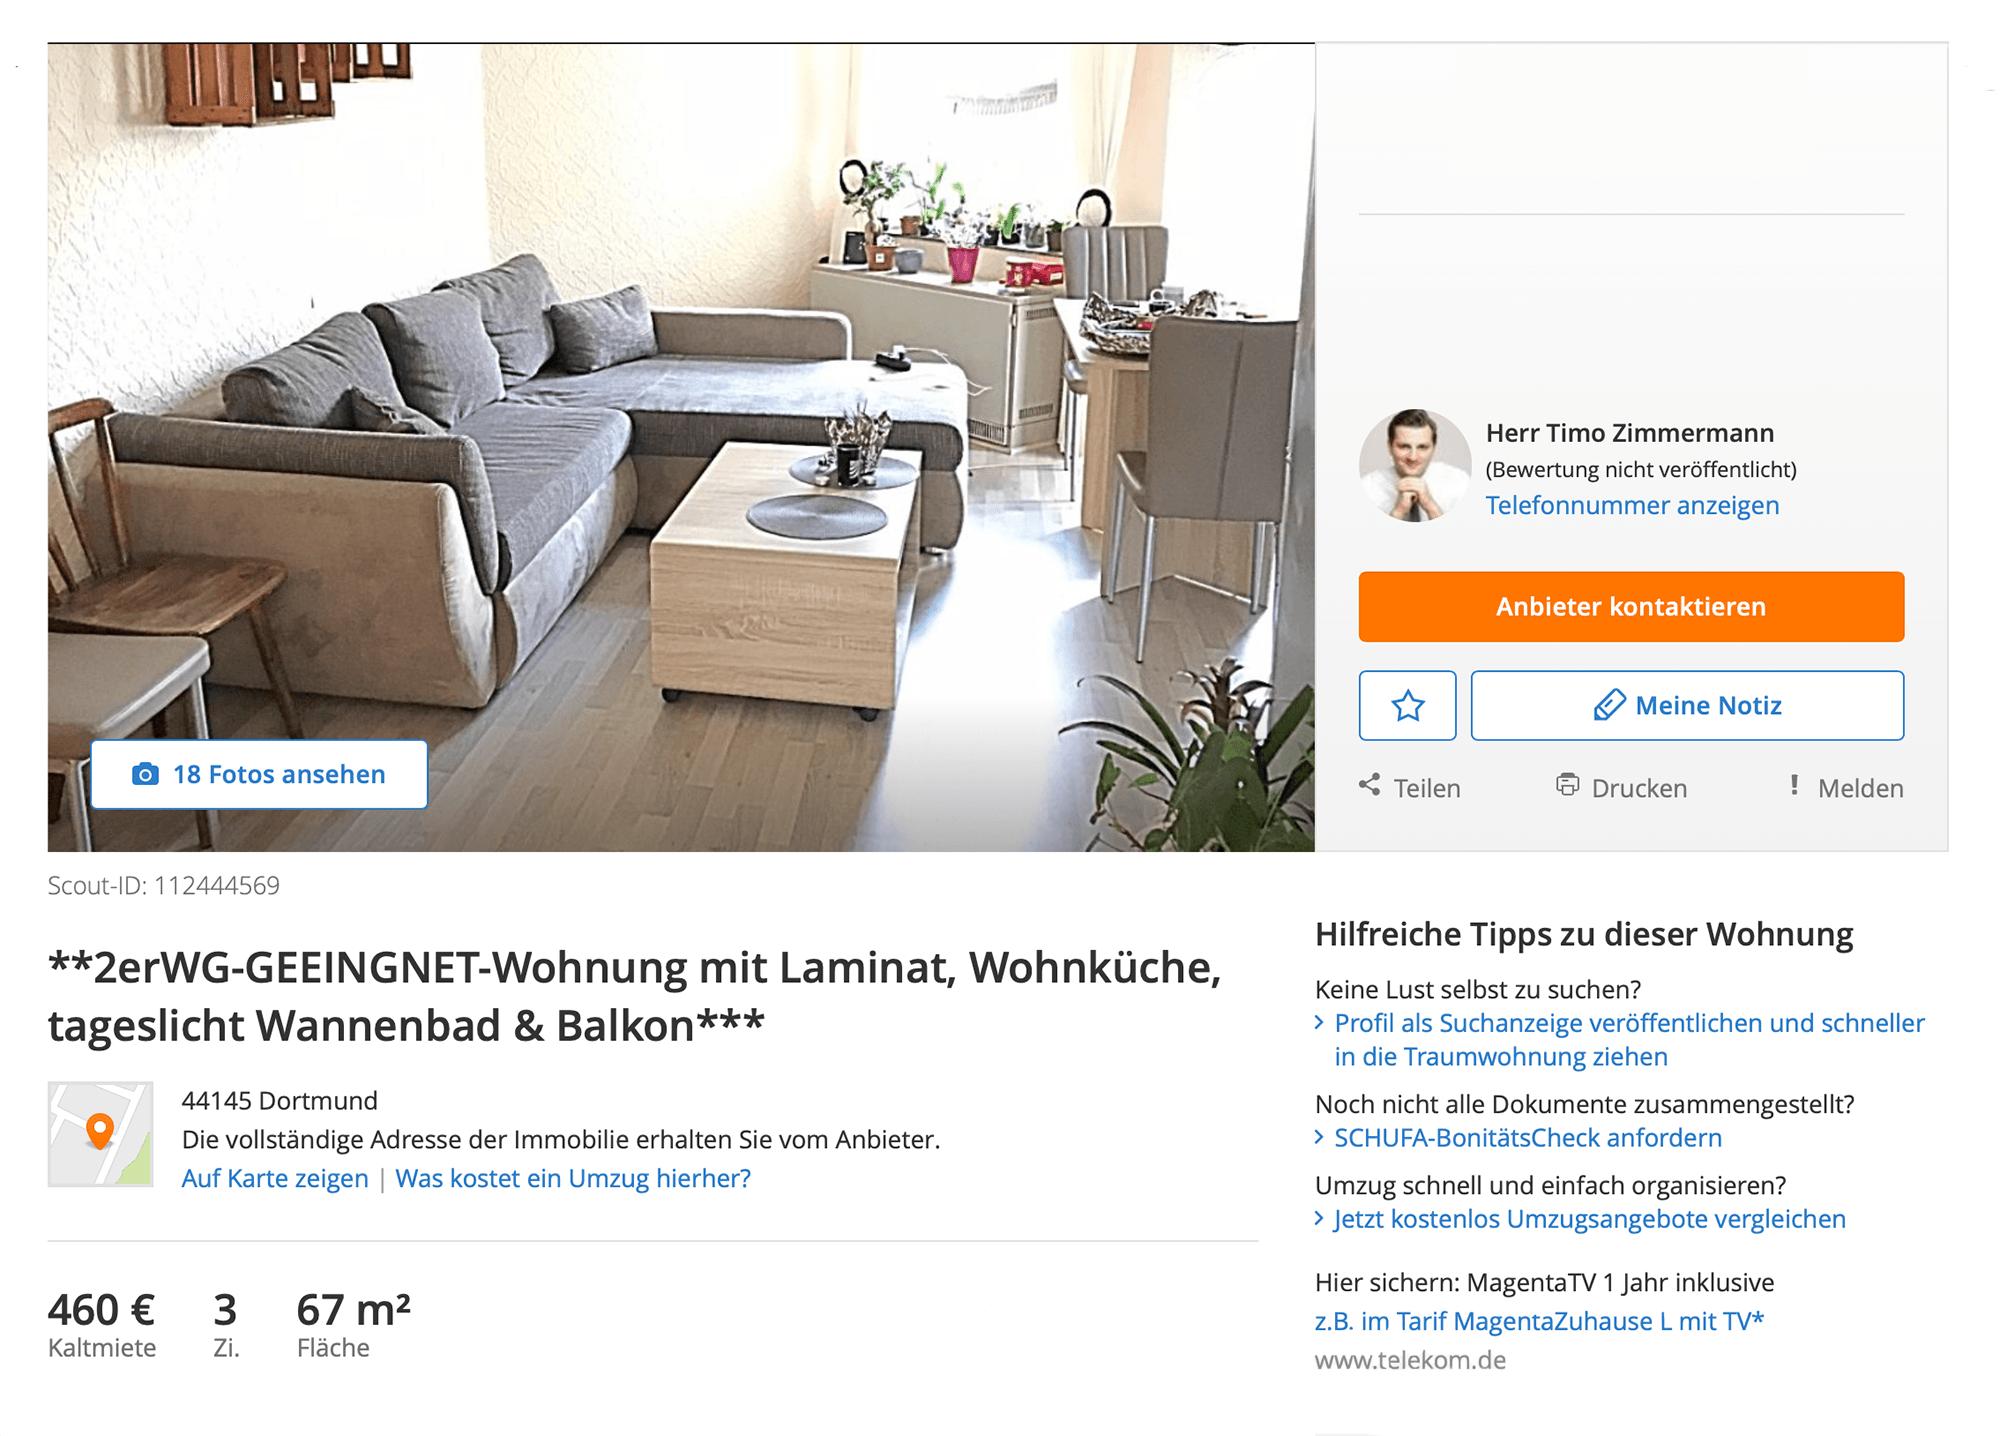 Отличная трехкомнатная квартира в центре города всего за 460€ в месяц. Так дешево, потому что квартира находится в неблагополучном районе, где проживает криминальный контингент и беженцы